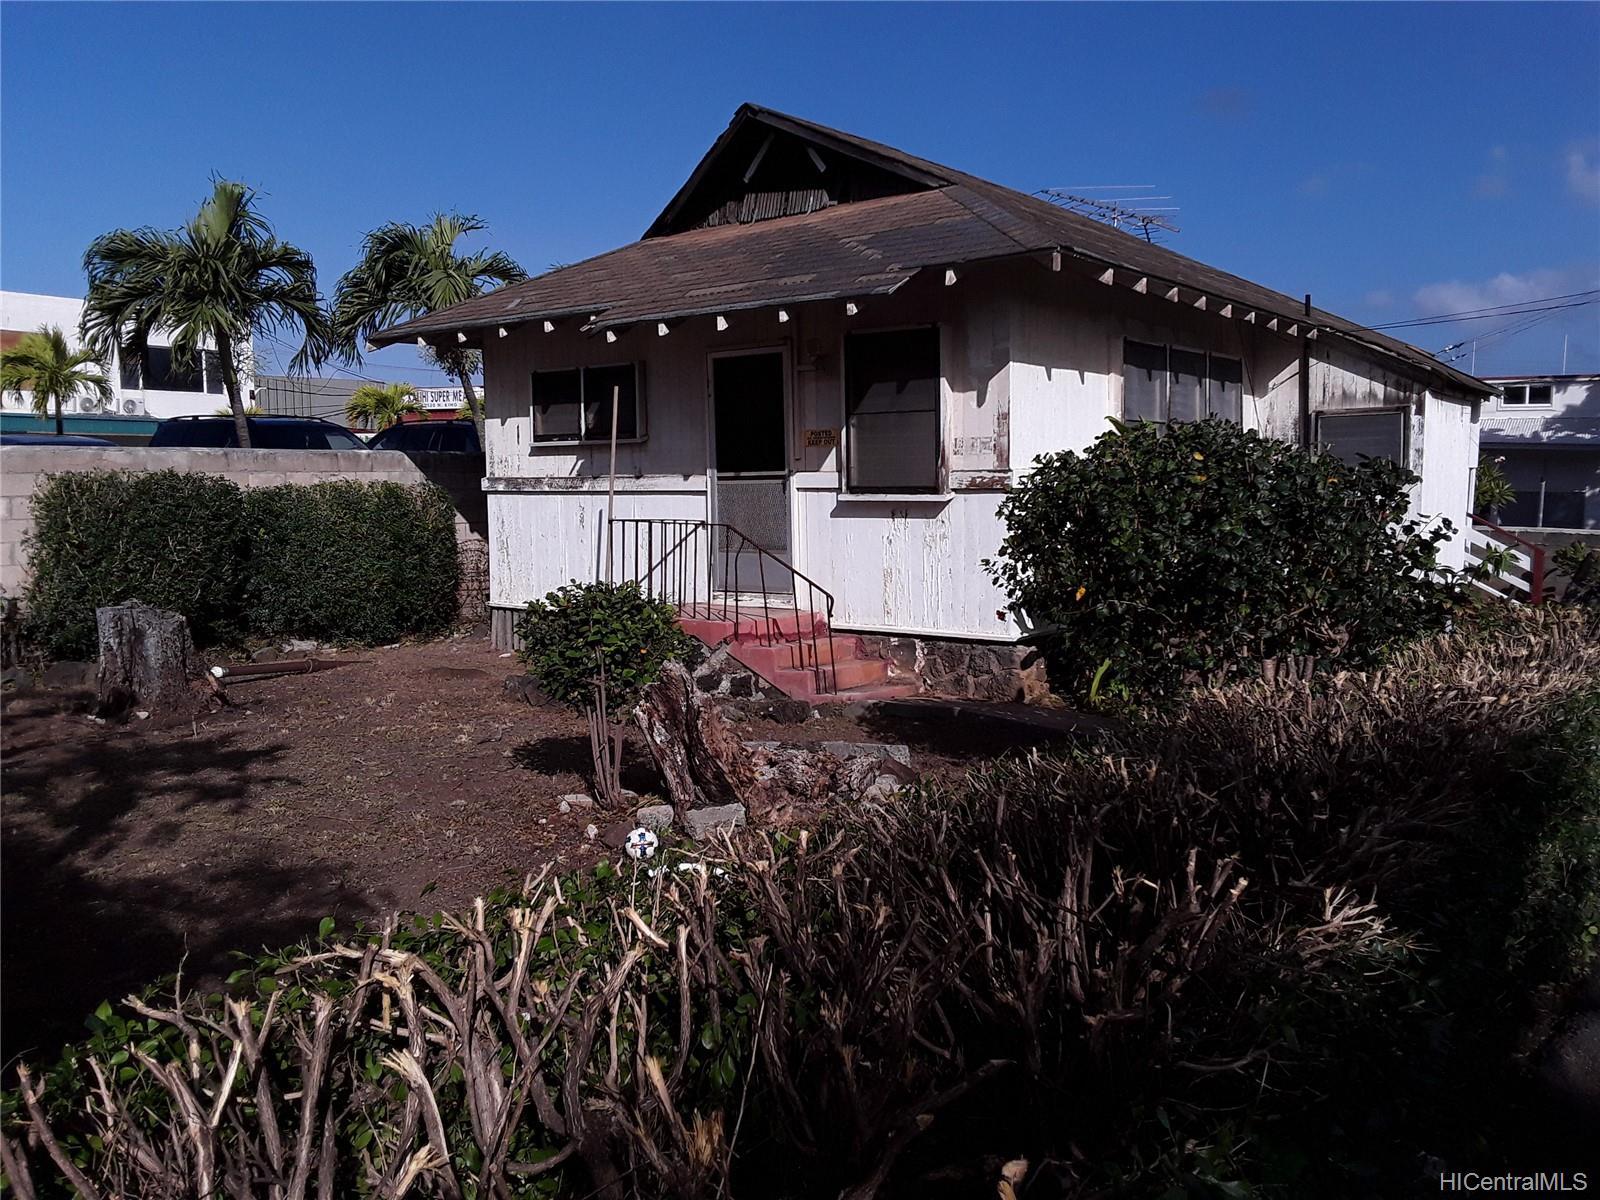 1030A Gulick Ave A Honolulu Hi 96819   Kalihi lower home 1600x1200